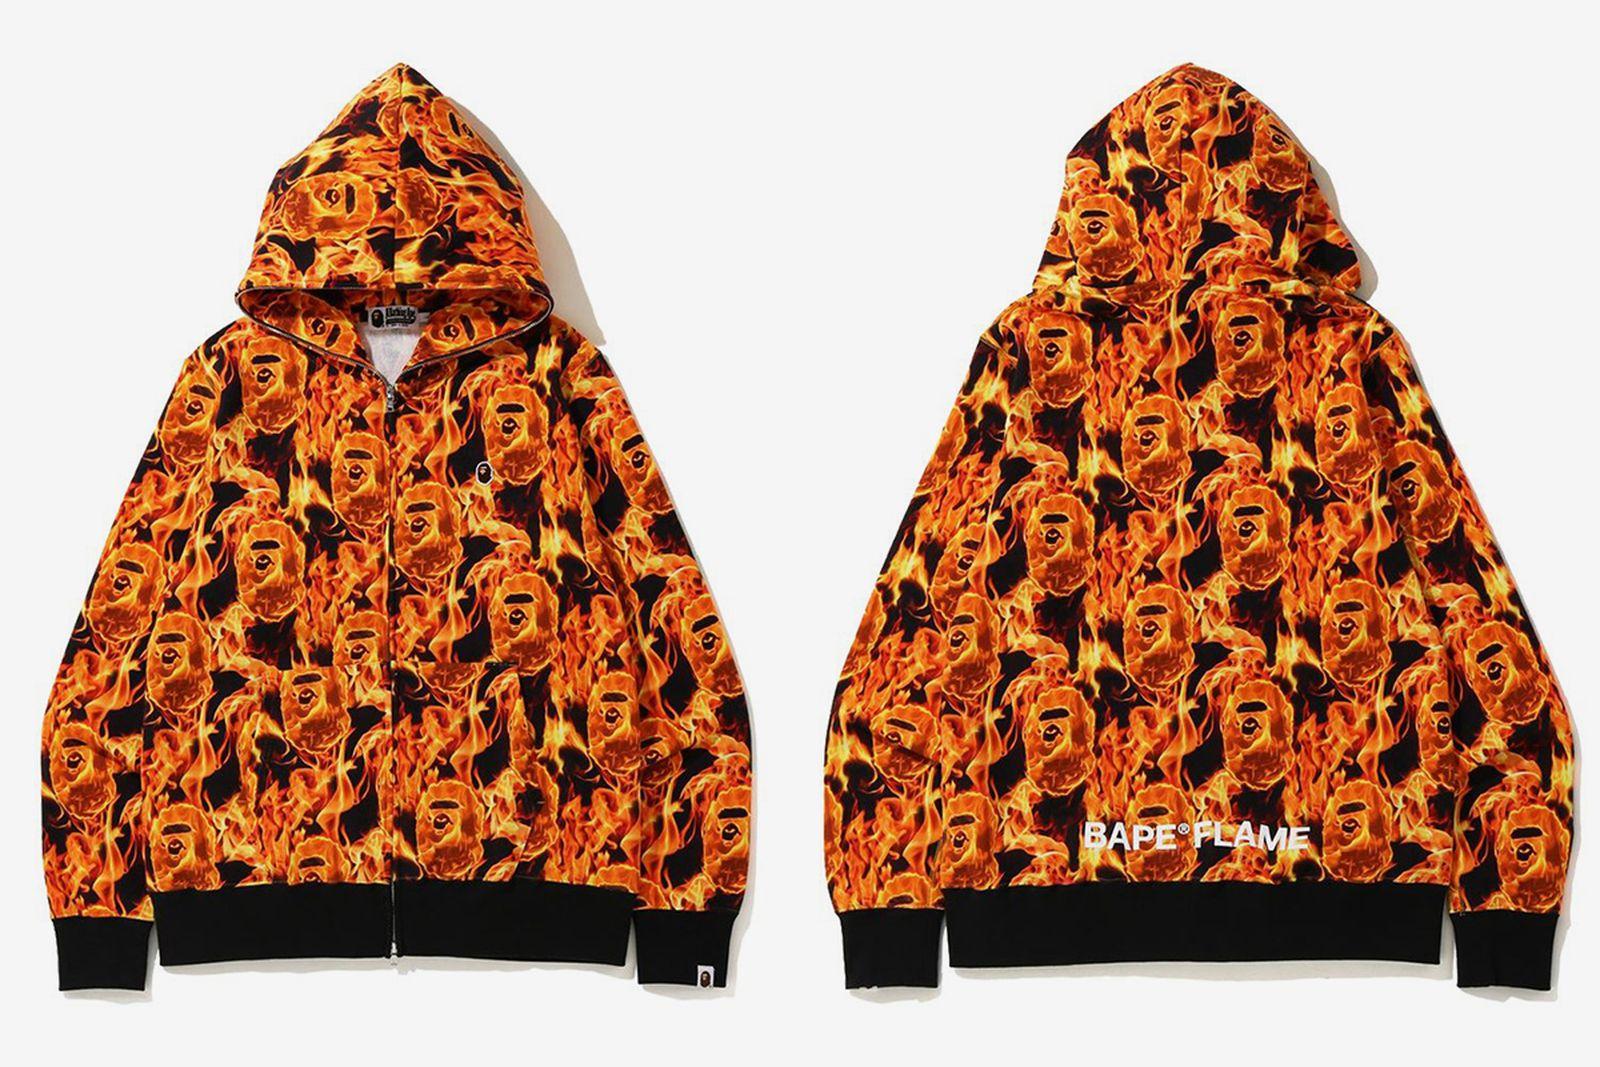 BAPE FLAME Hoodie